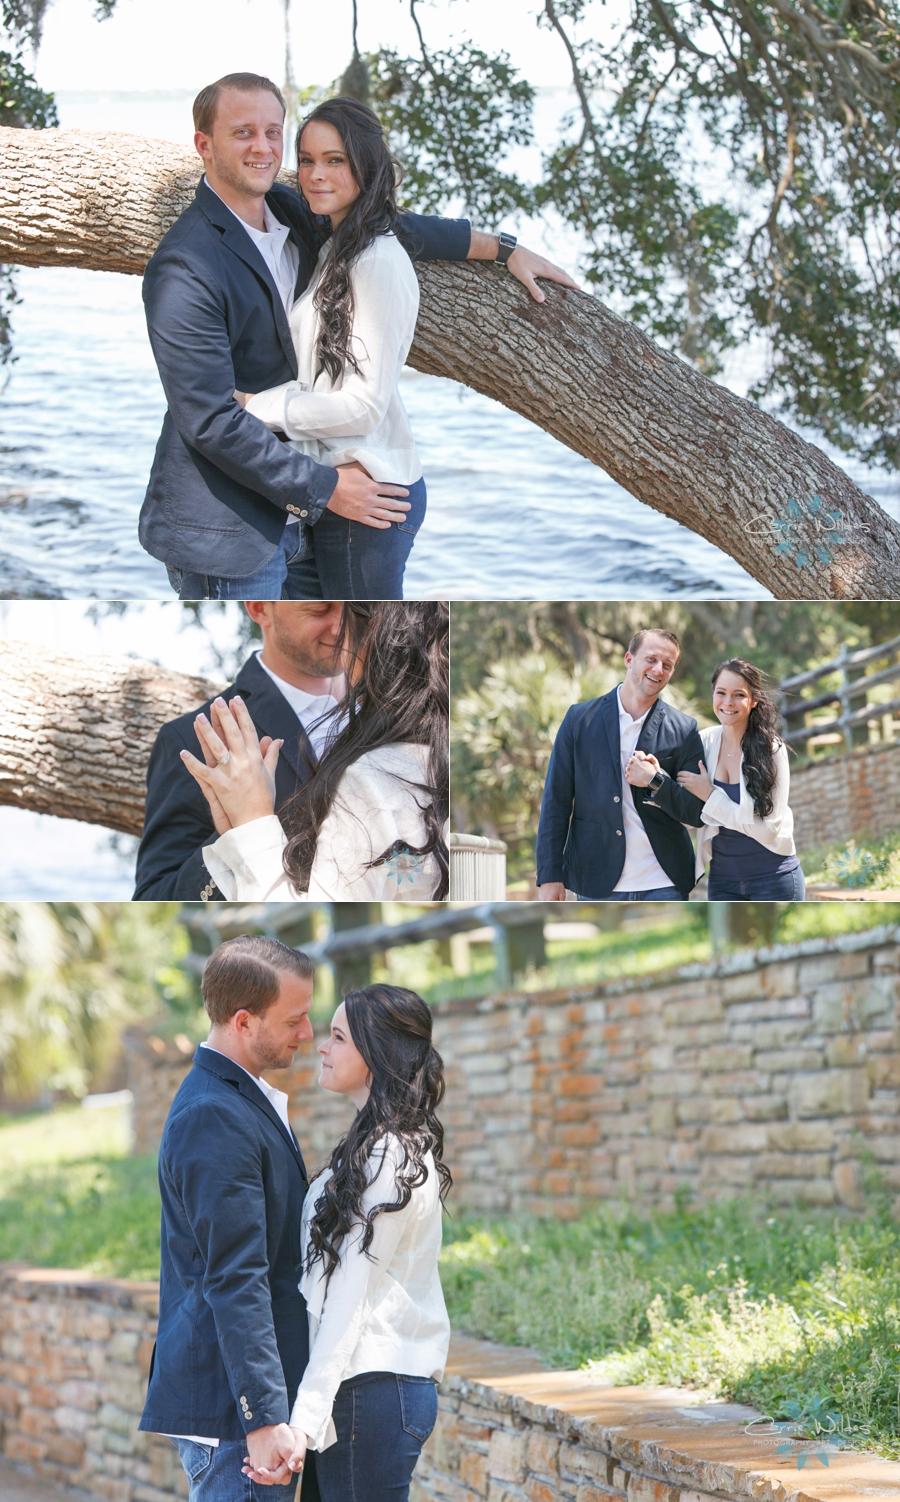 3_29_15 Philippi Park Engagement_0001.jpg